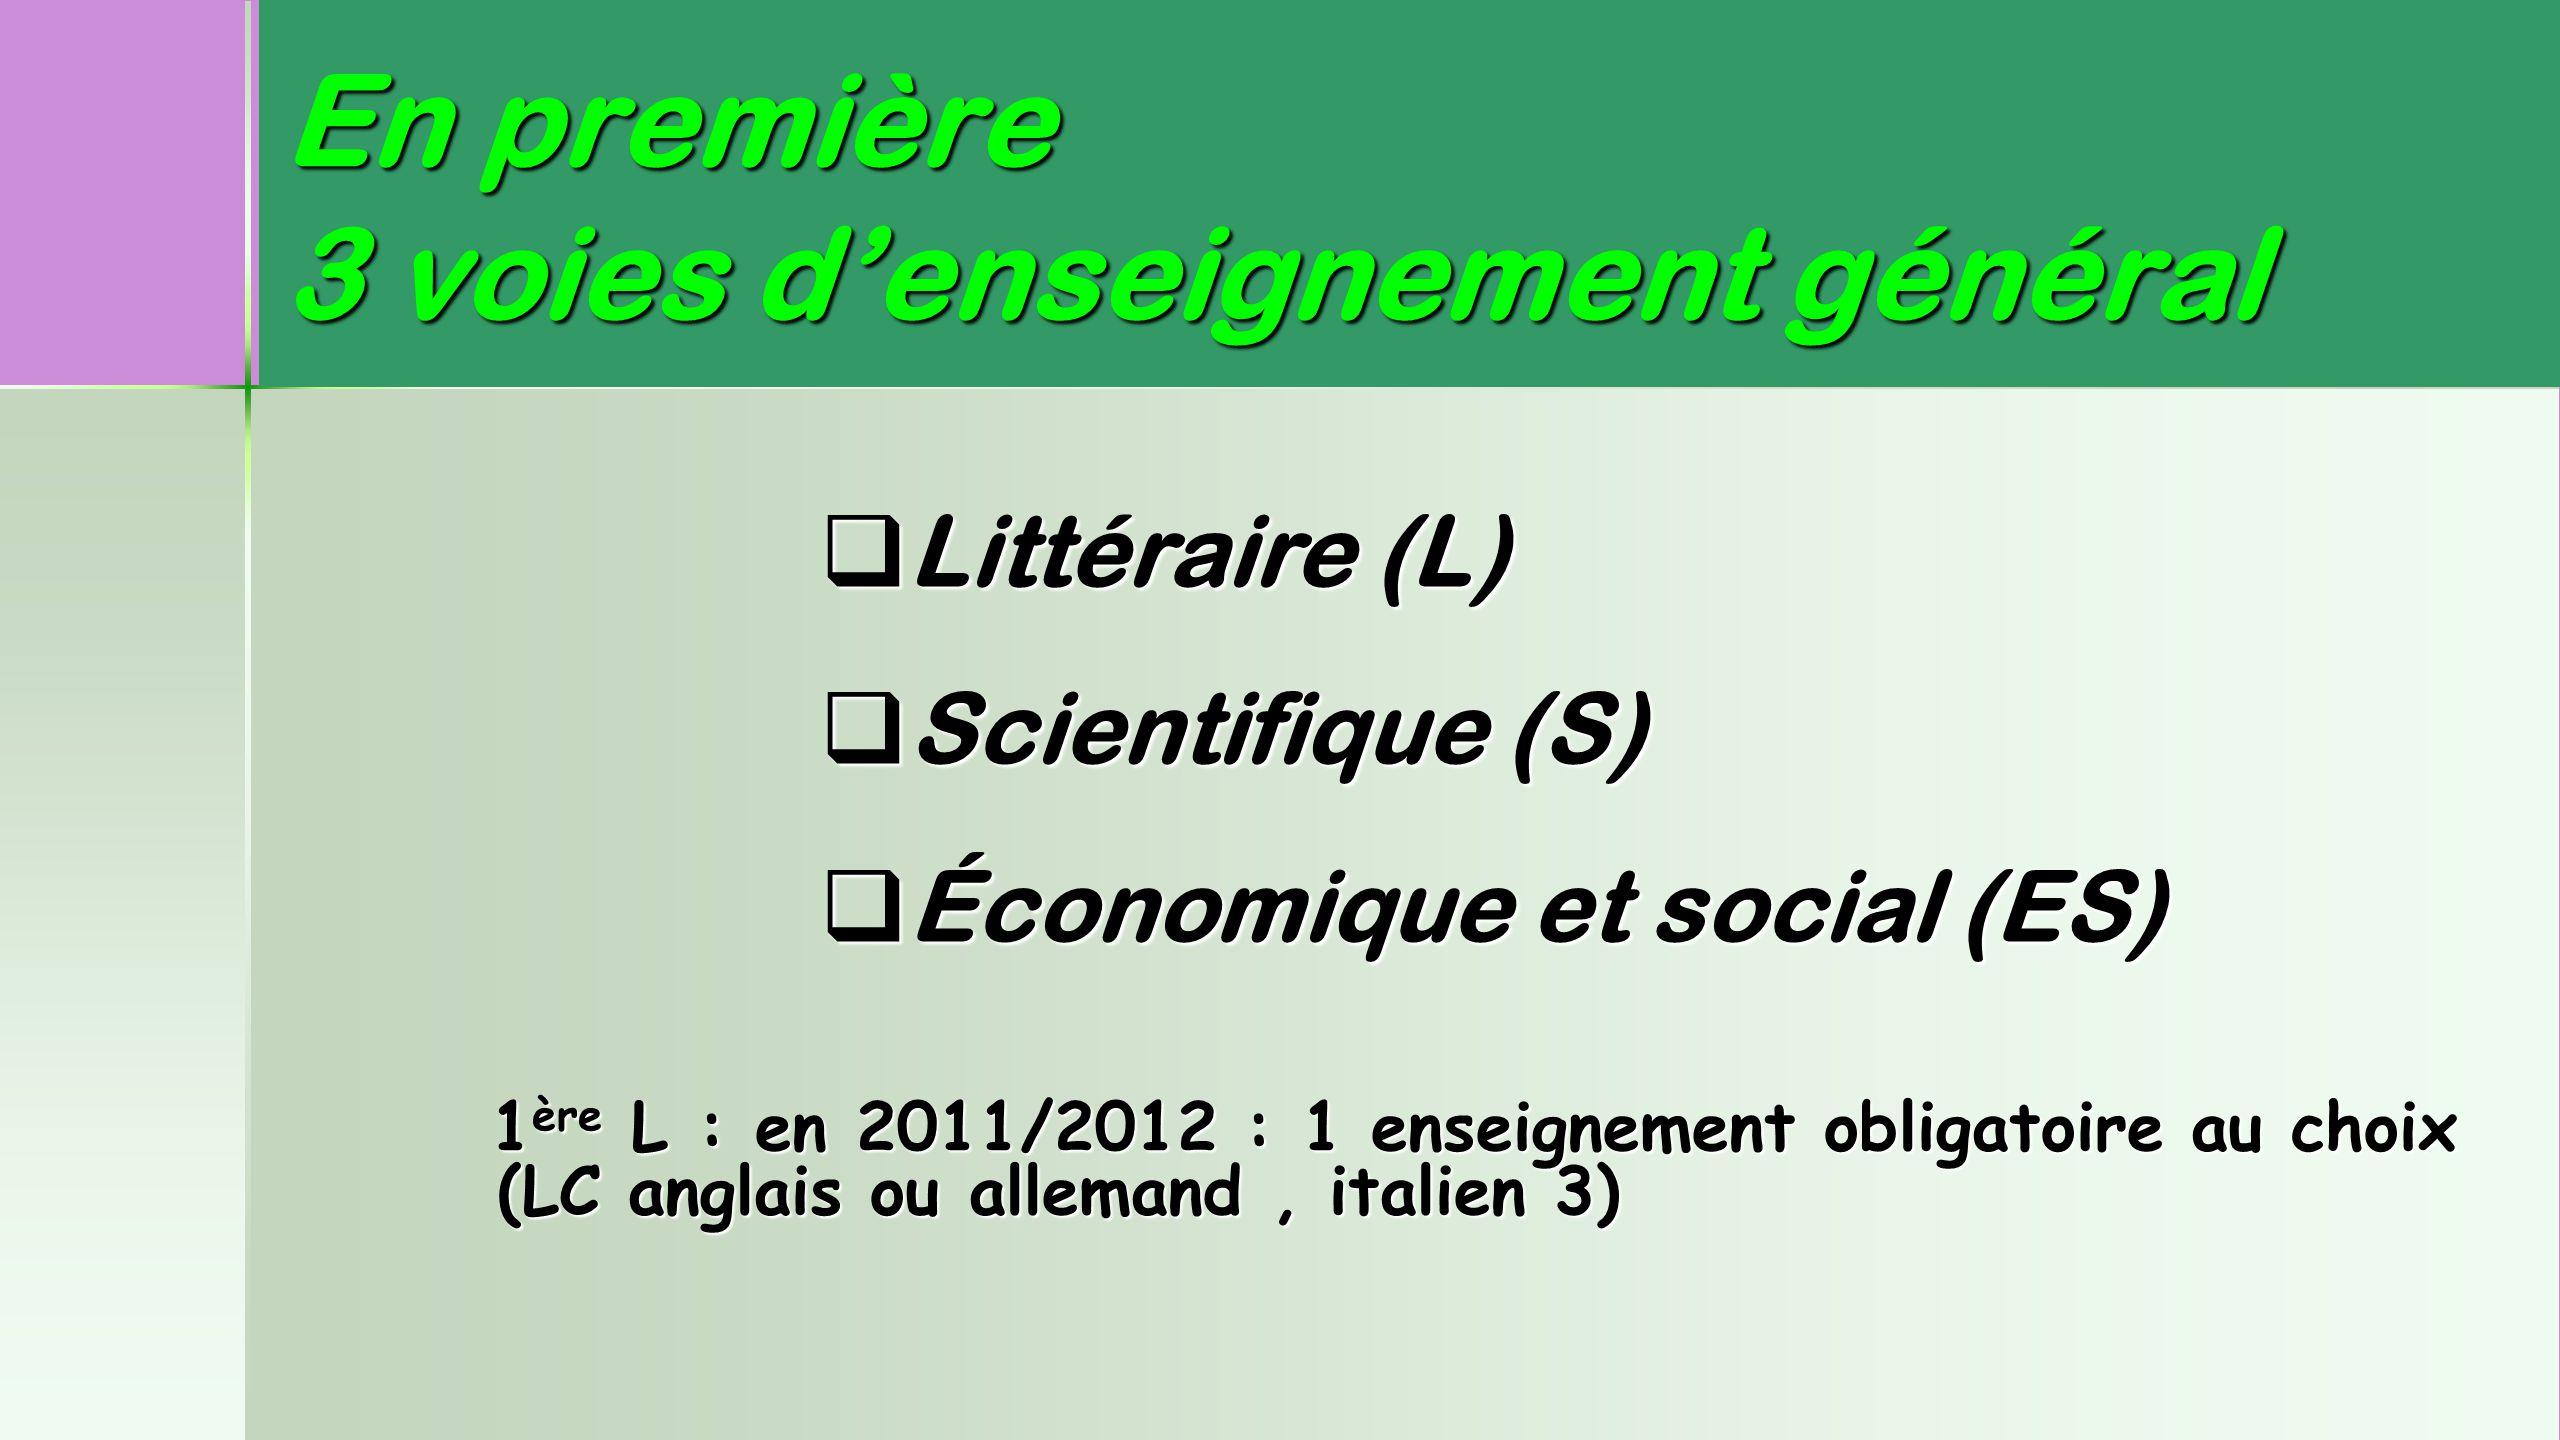 En première 3 voies d'enseignement général 1ère L : en 2011/2012 : 1 enseignement obligatoire au choix (LC anglais ou allemand, italien 3)  Littérair